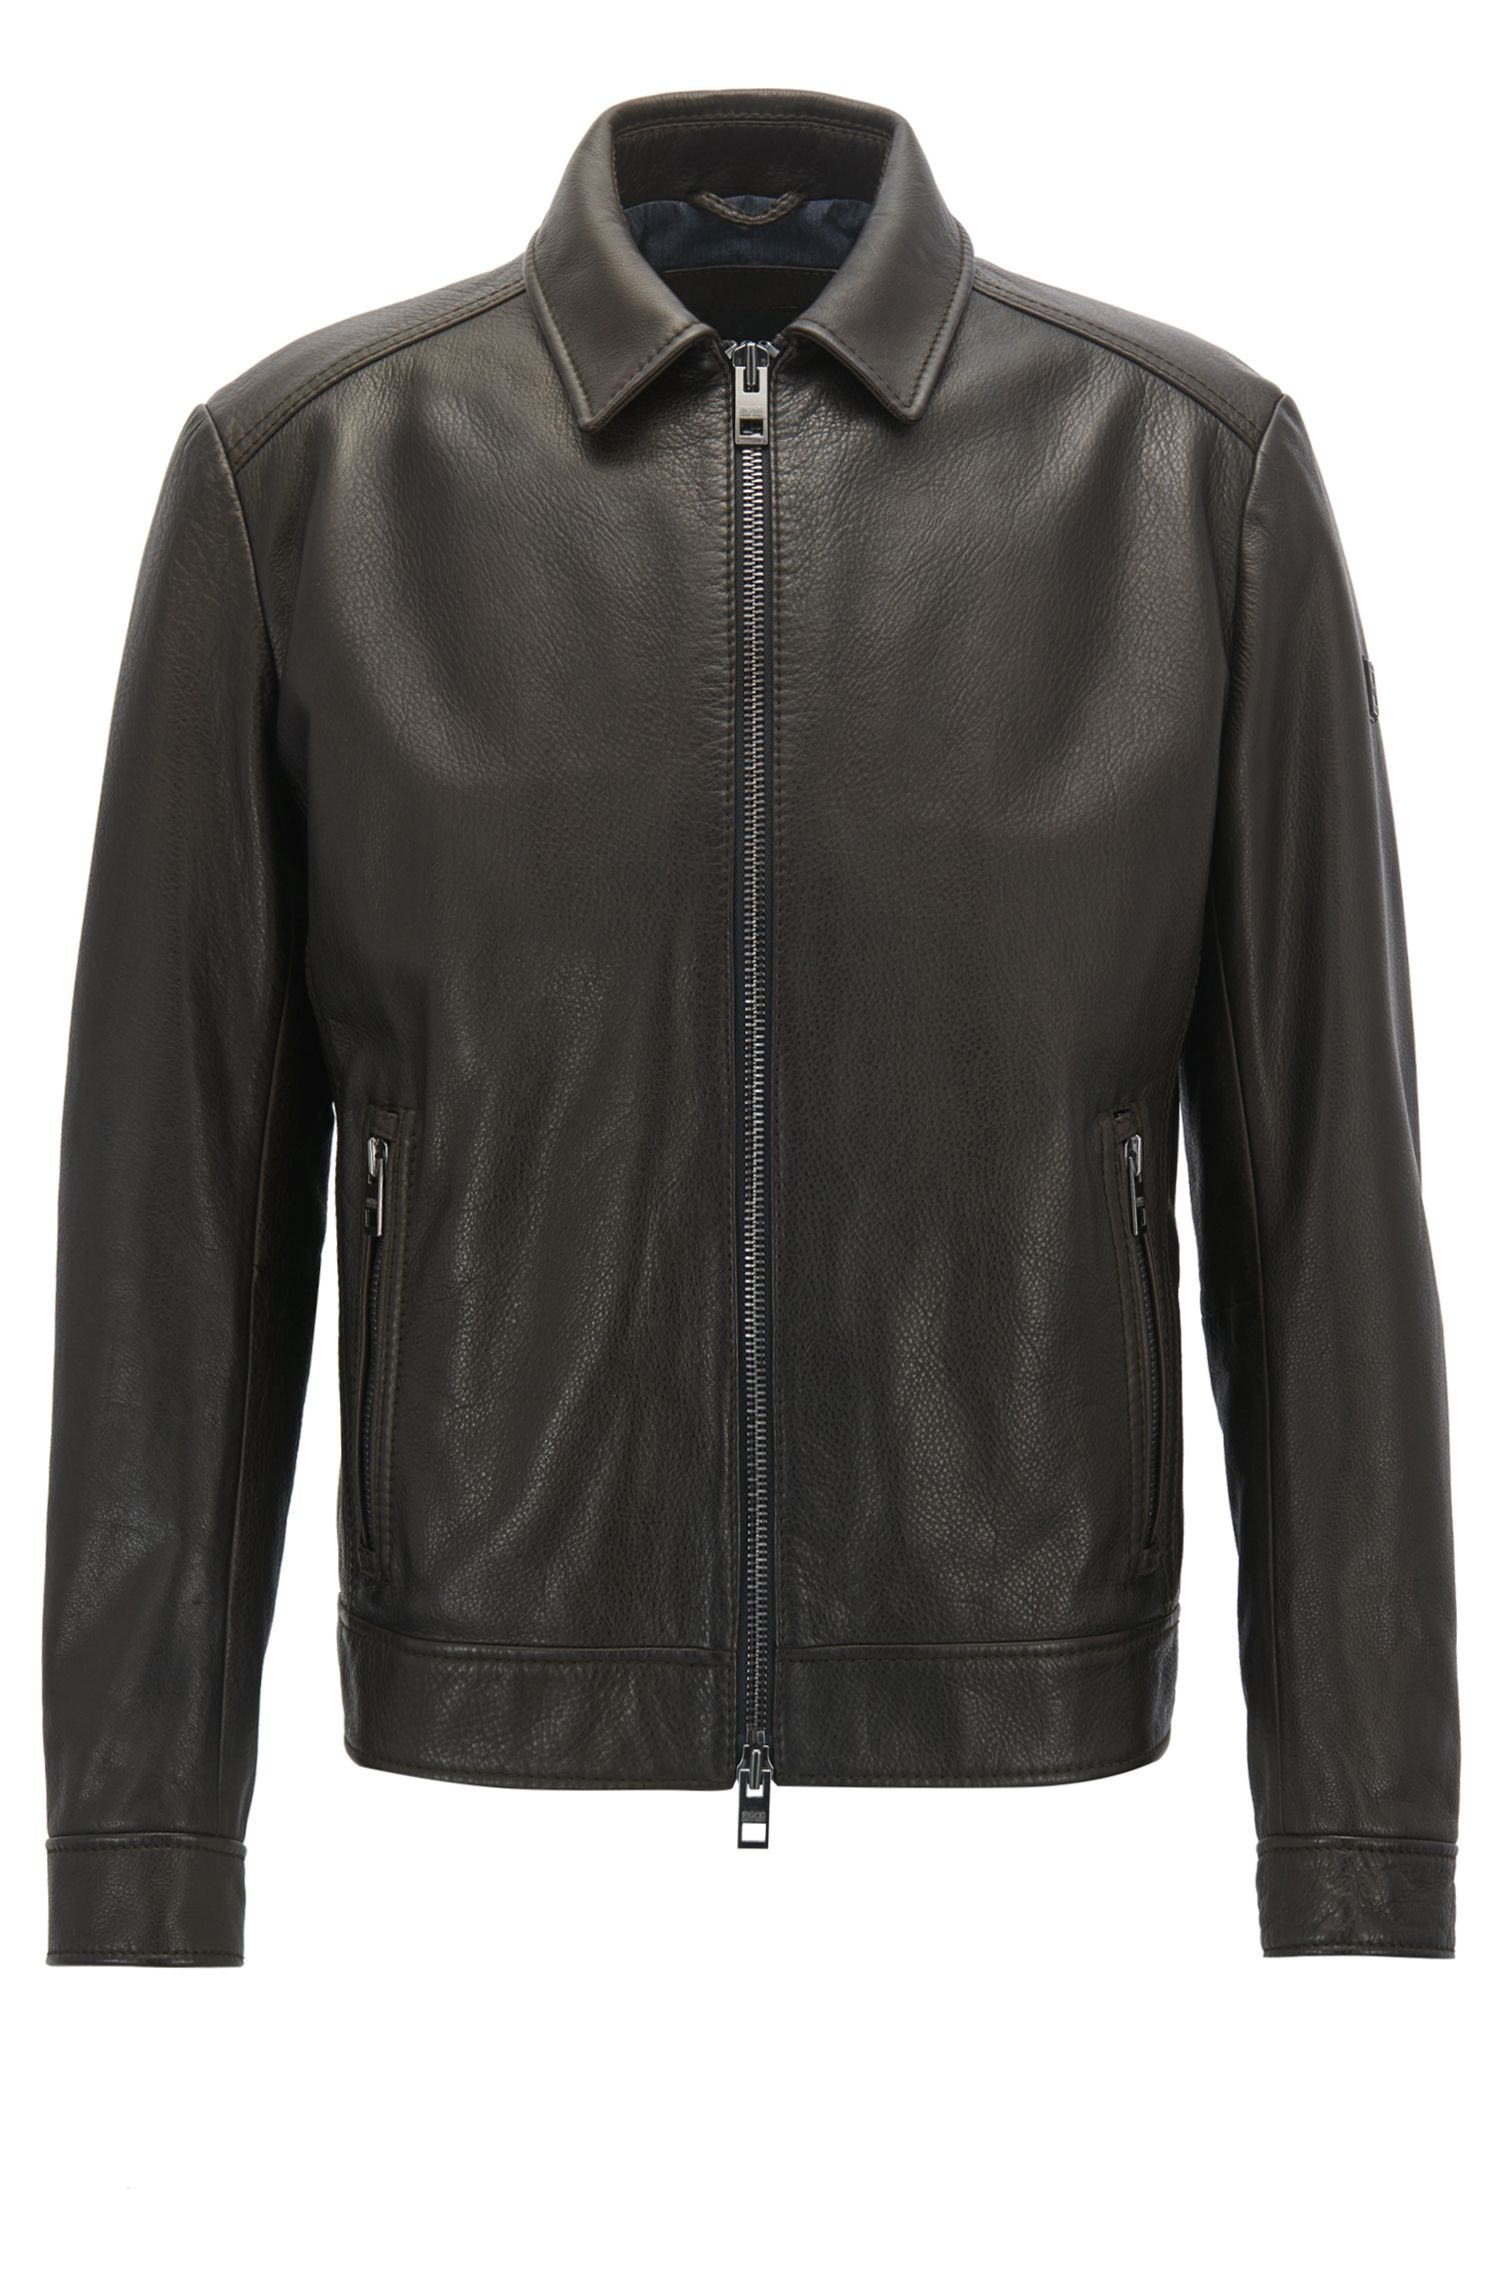 Leather Jacket | Juba